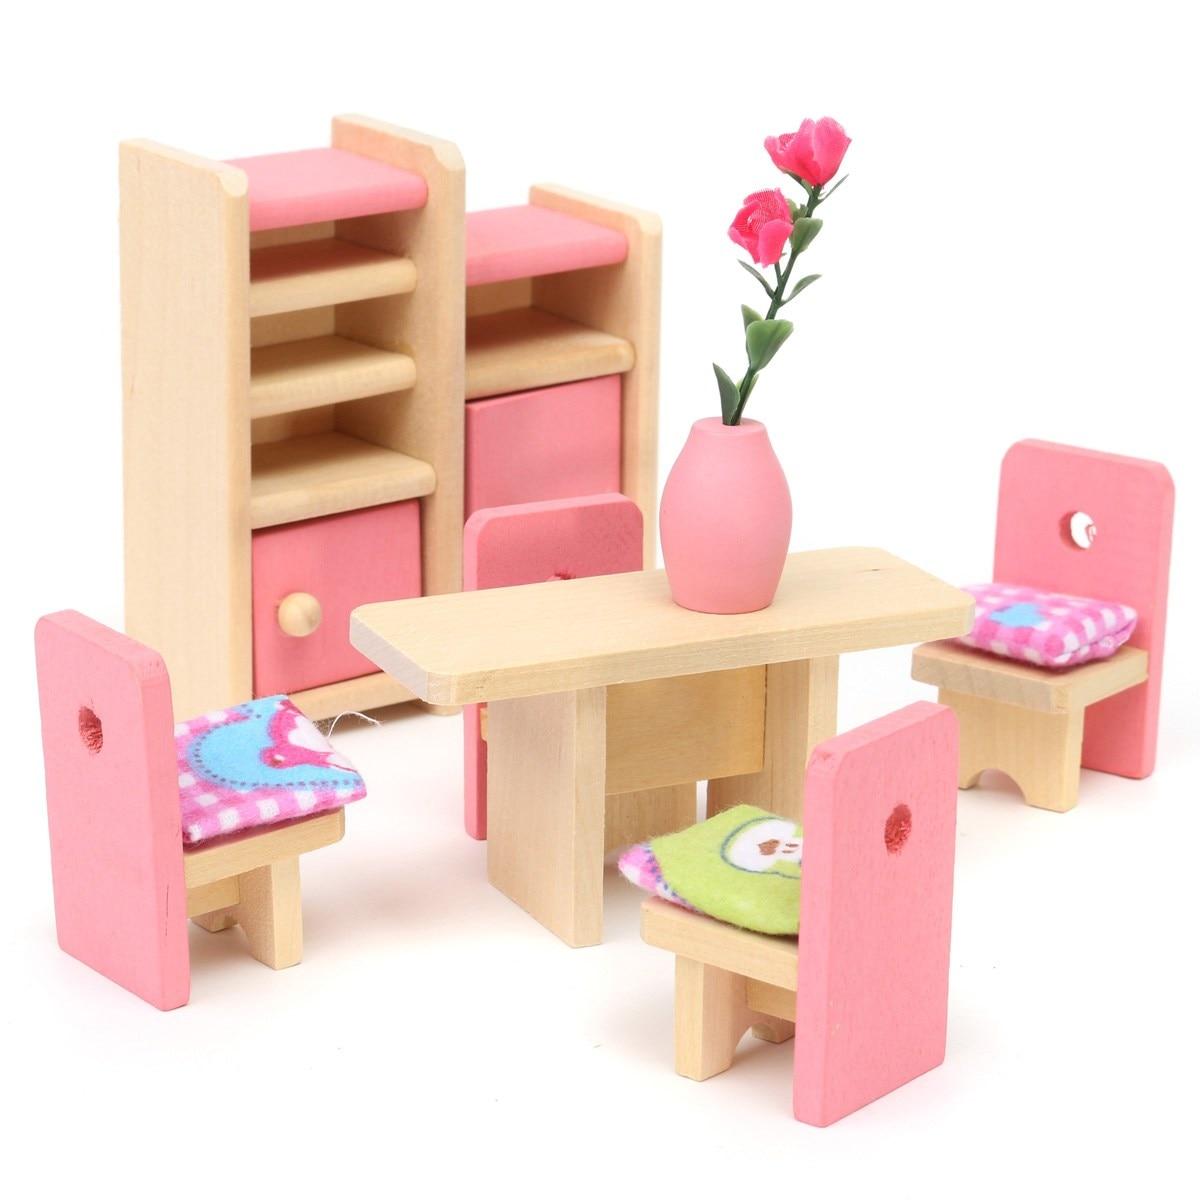 Gerade Holz Zarte Puppenhaus Möbel Spielzeug Miniatur Für Kinder Kinder Pretend Spielen 6 Zimmer Set/4 Puppen Spielzeug Für Baby Der Laufstall Die Neueste Mode